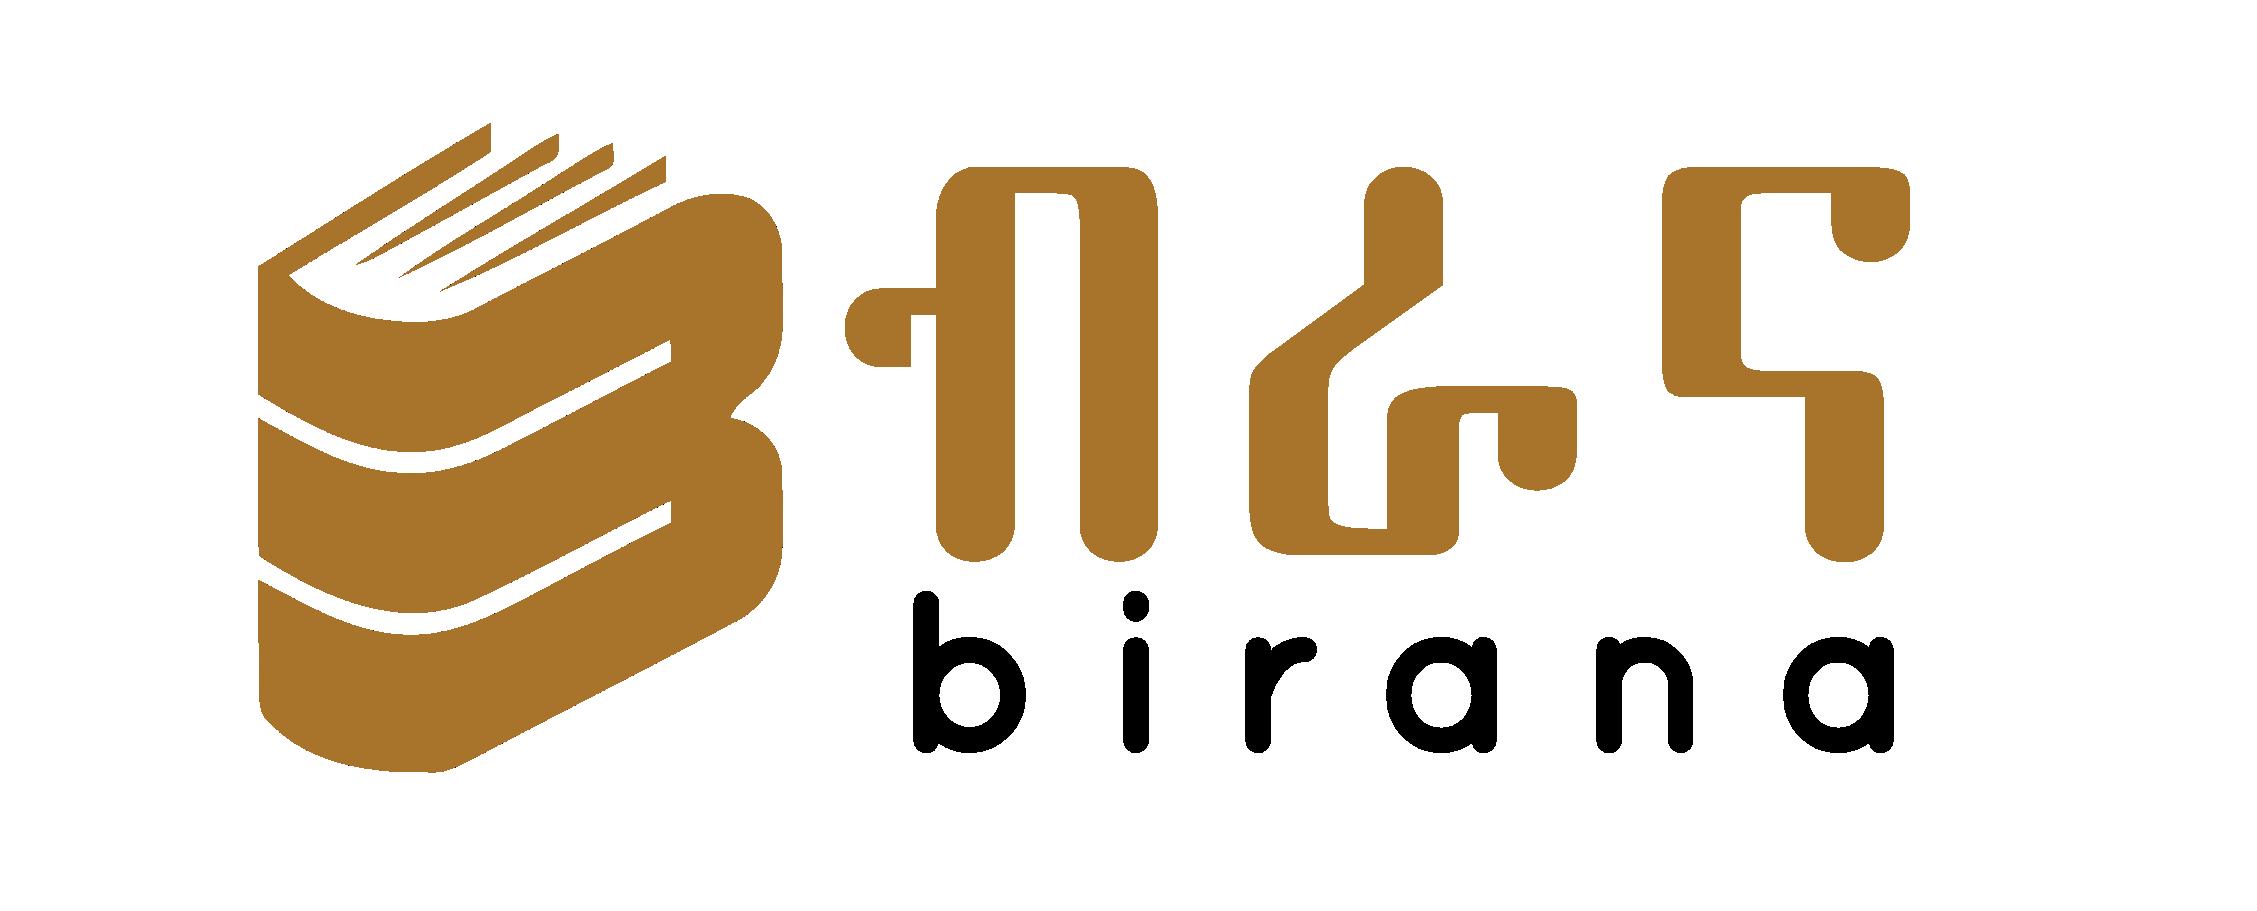 ብራና አፕስ Birana Apps